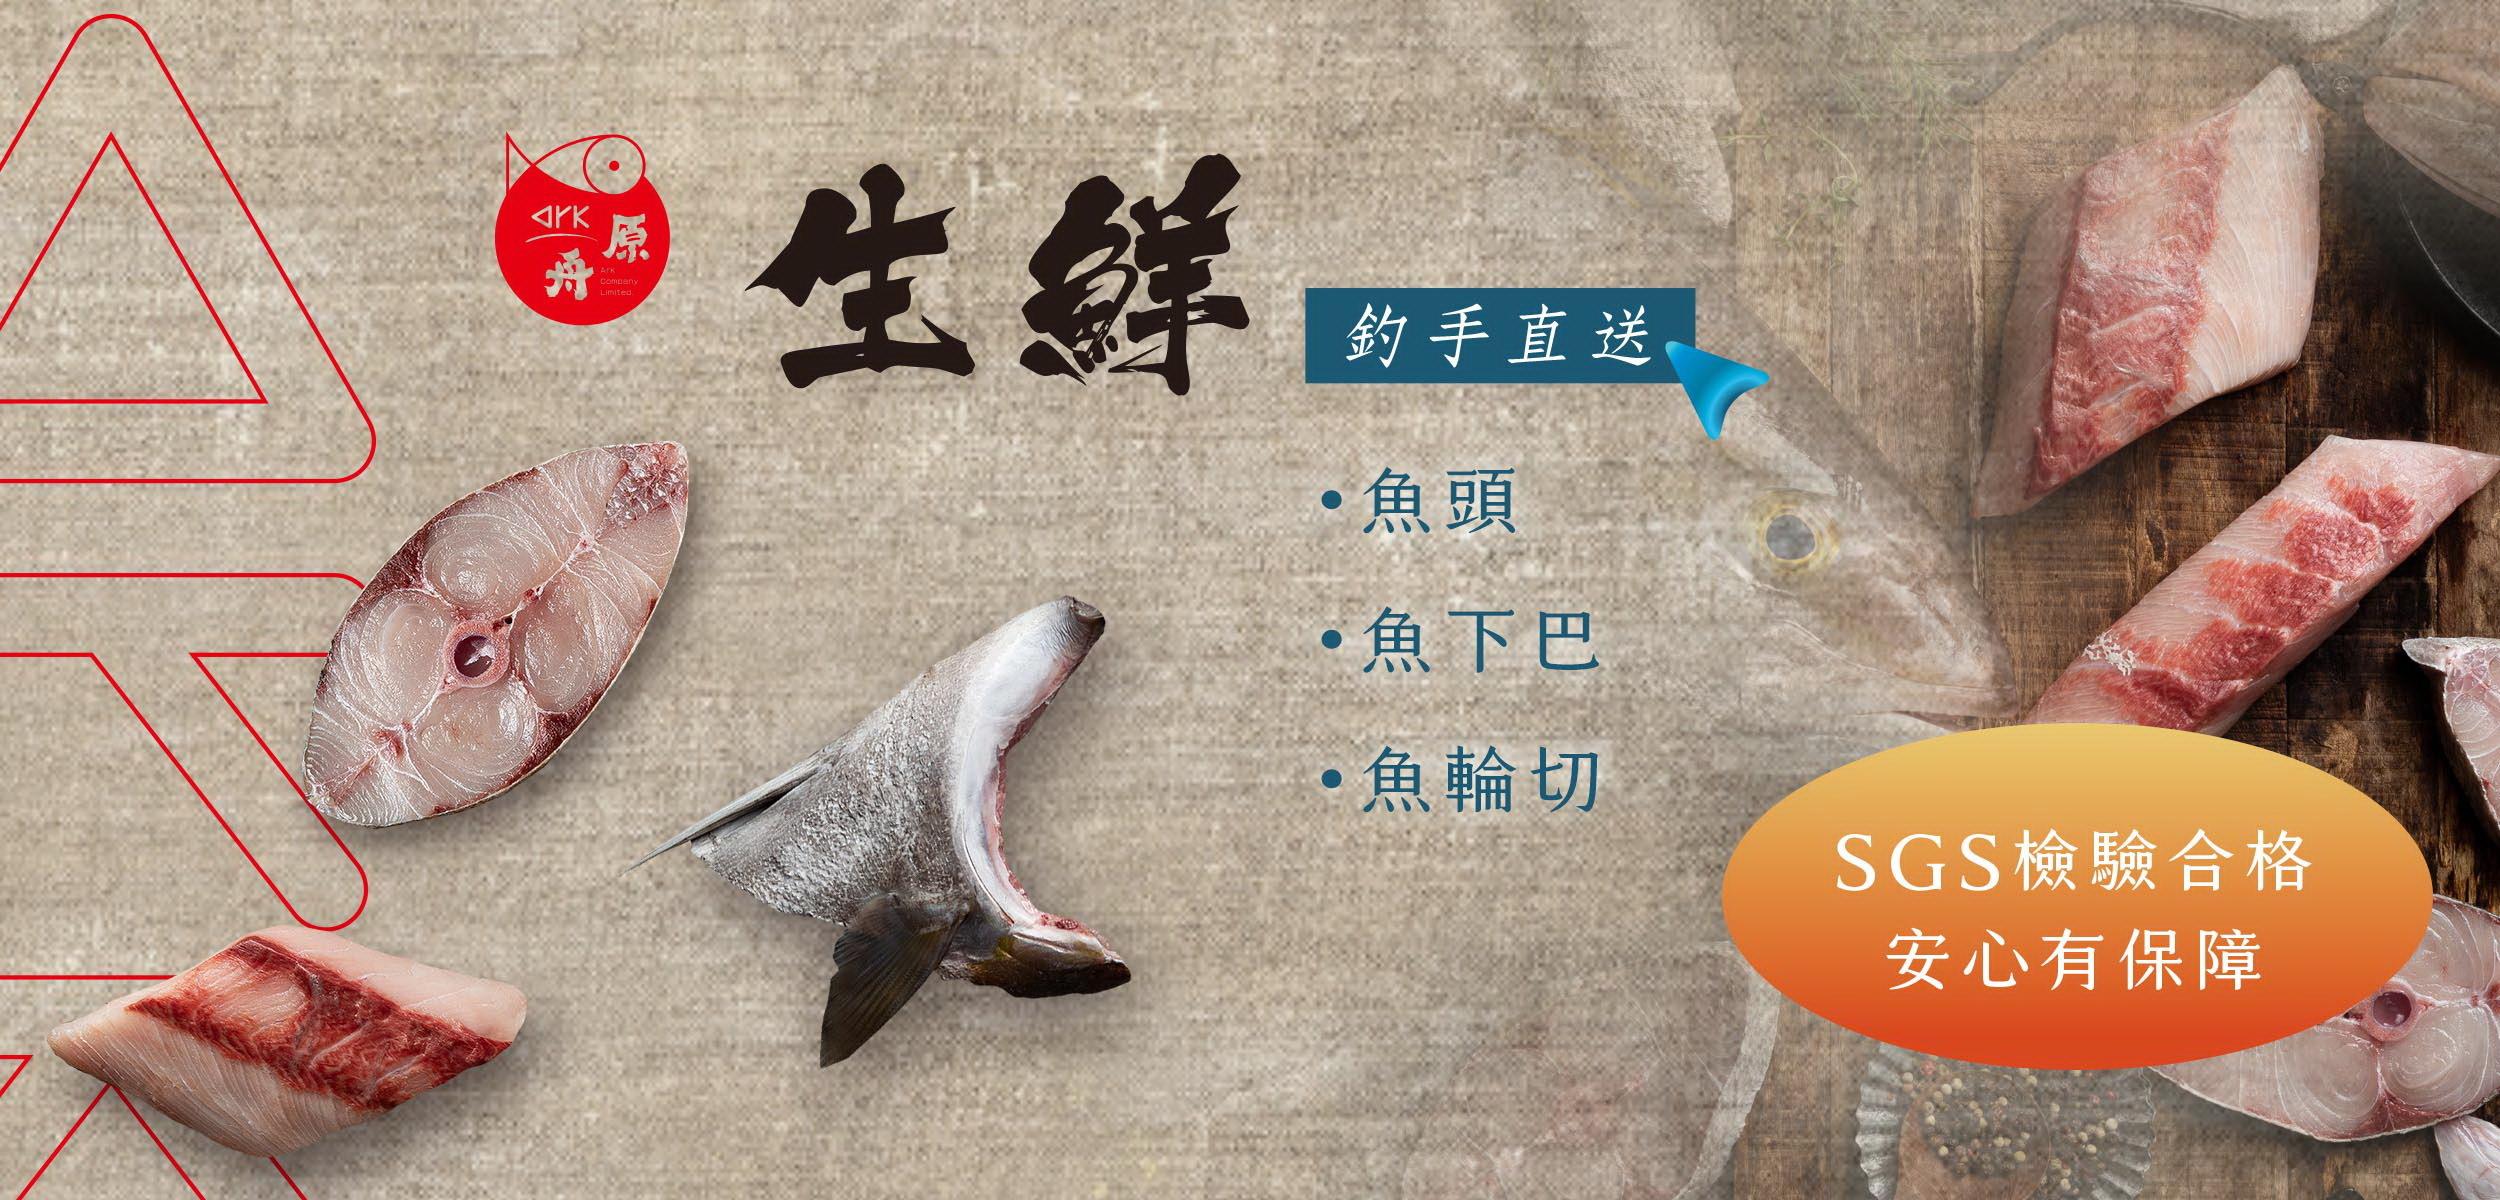 原舟,arkrealfood,野生,紅魽,漁獲,魚頭,健康,無添加,新鮮,奢華,優質蛋白質,顛覆,享受,品嚐,魚肉,營養,品鮮,口味,純粹,良心食品,速食